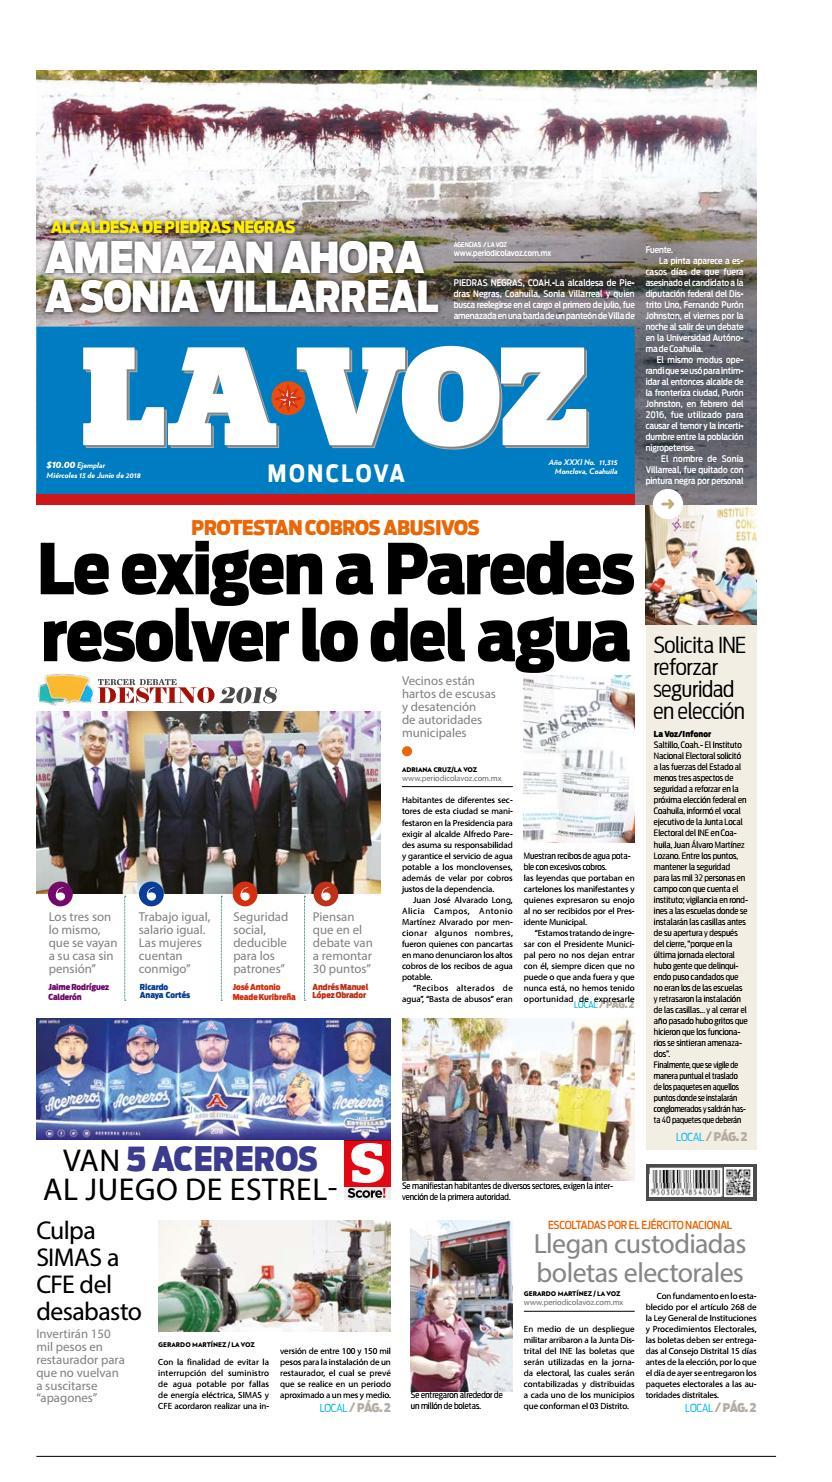 Periodico digital edicion del 13 de junio del 2018 by Azeneth García ...